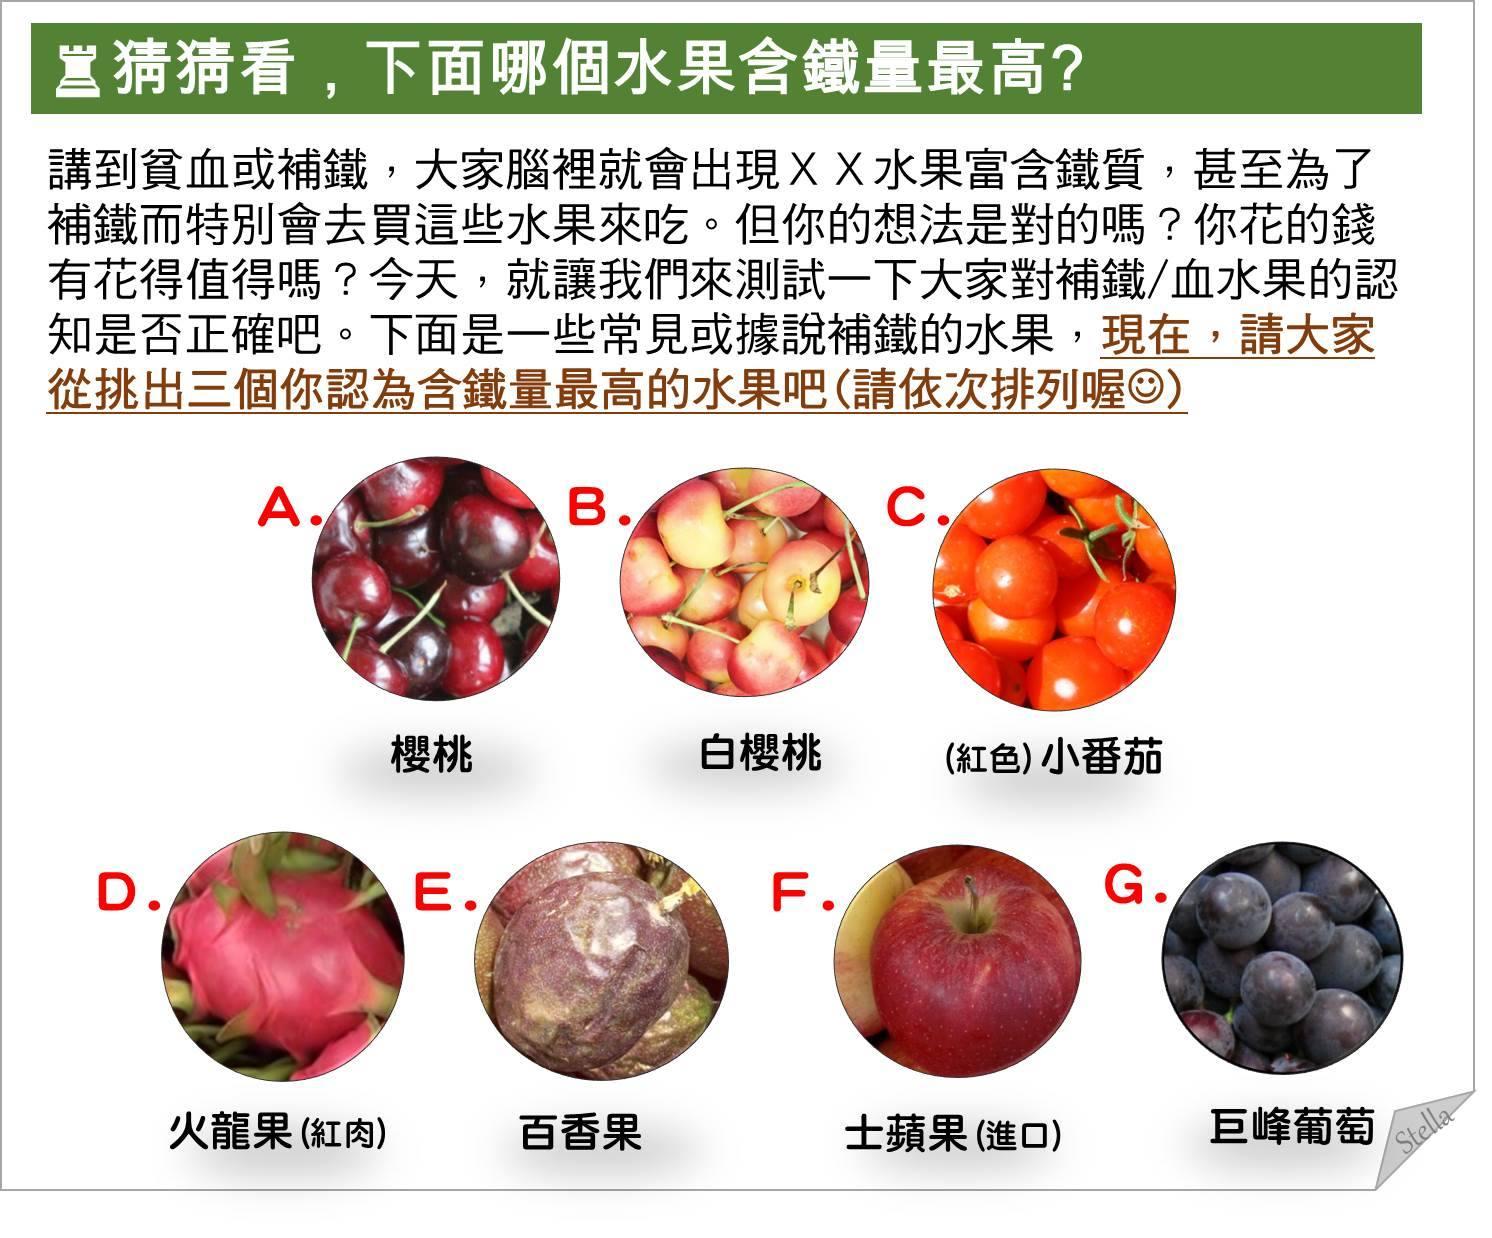 櫻桃補鐵是錯的?營養師揭秘:補鐵水果第一名   含鐵量   火龍果   補血   大紀元